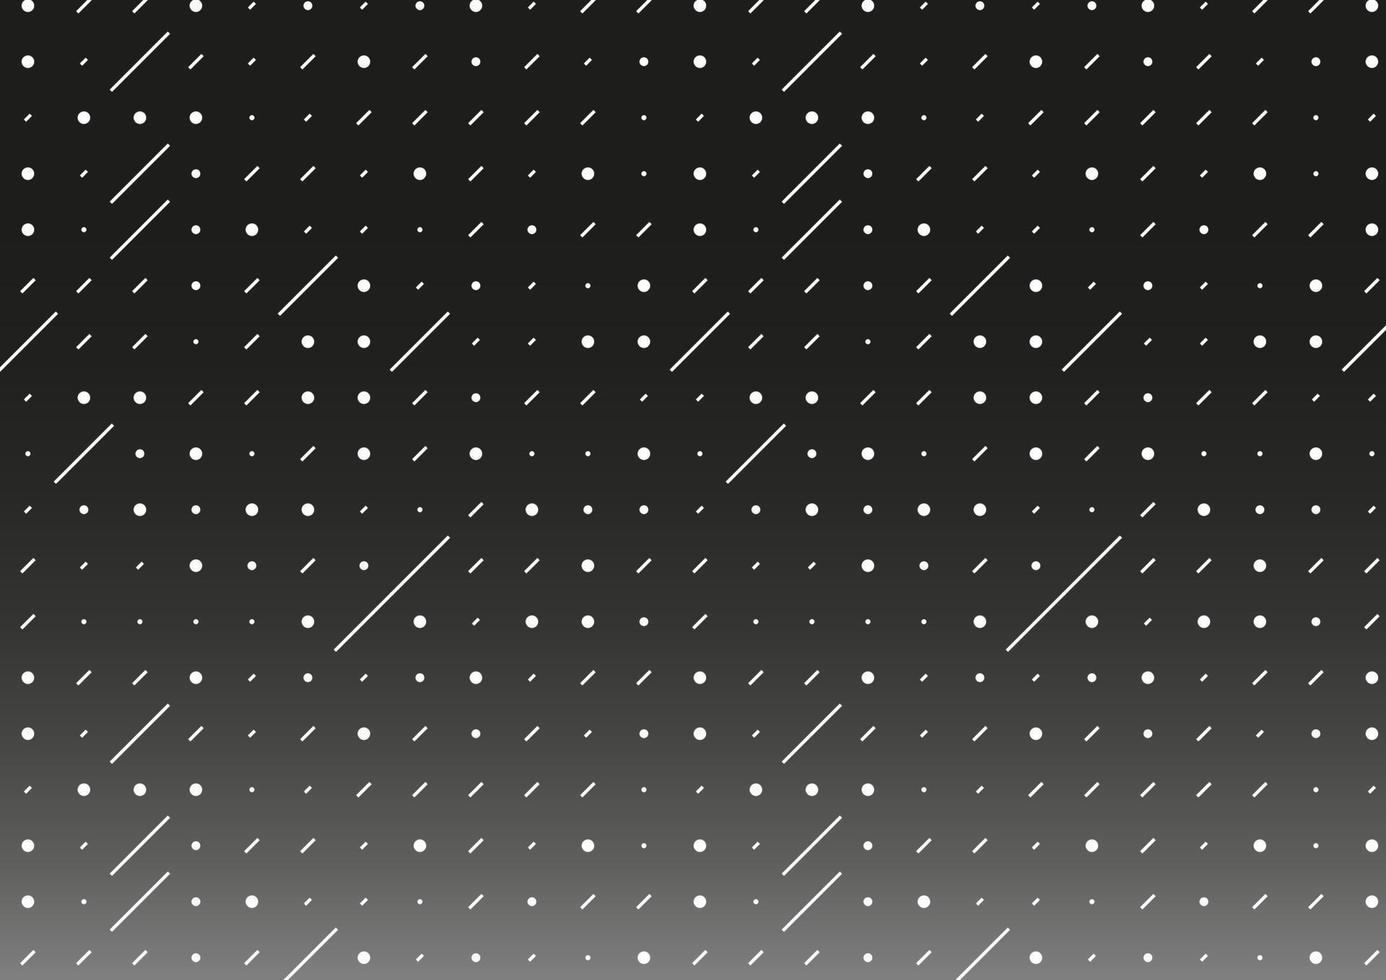 regnigt geometriskt mönster med grå tonad bakgrund. vektor